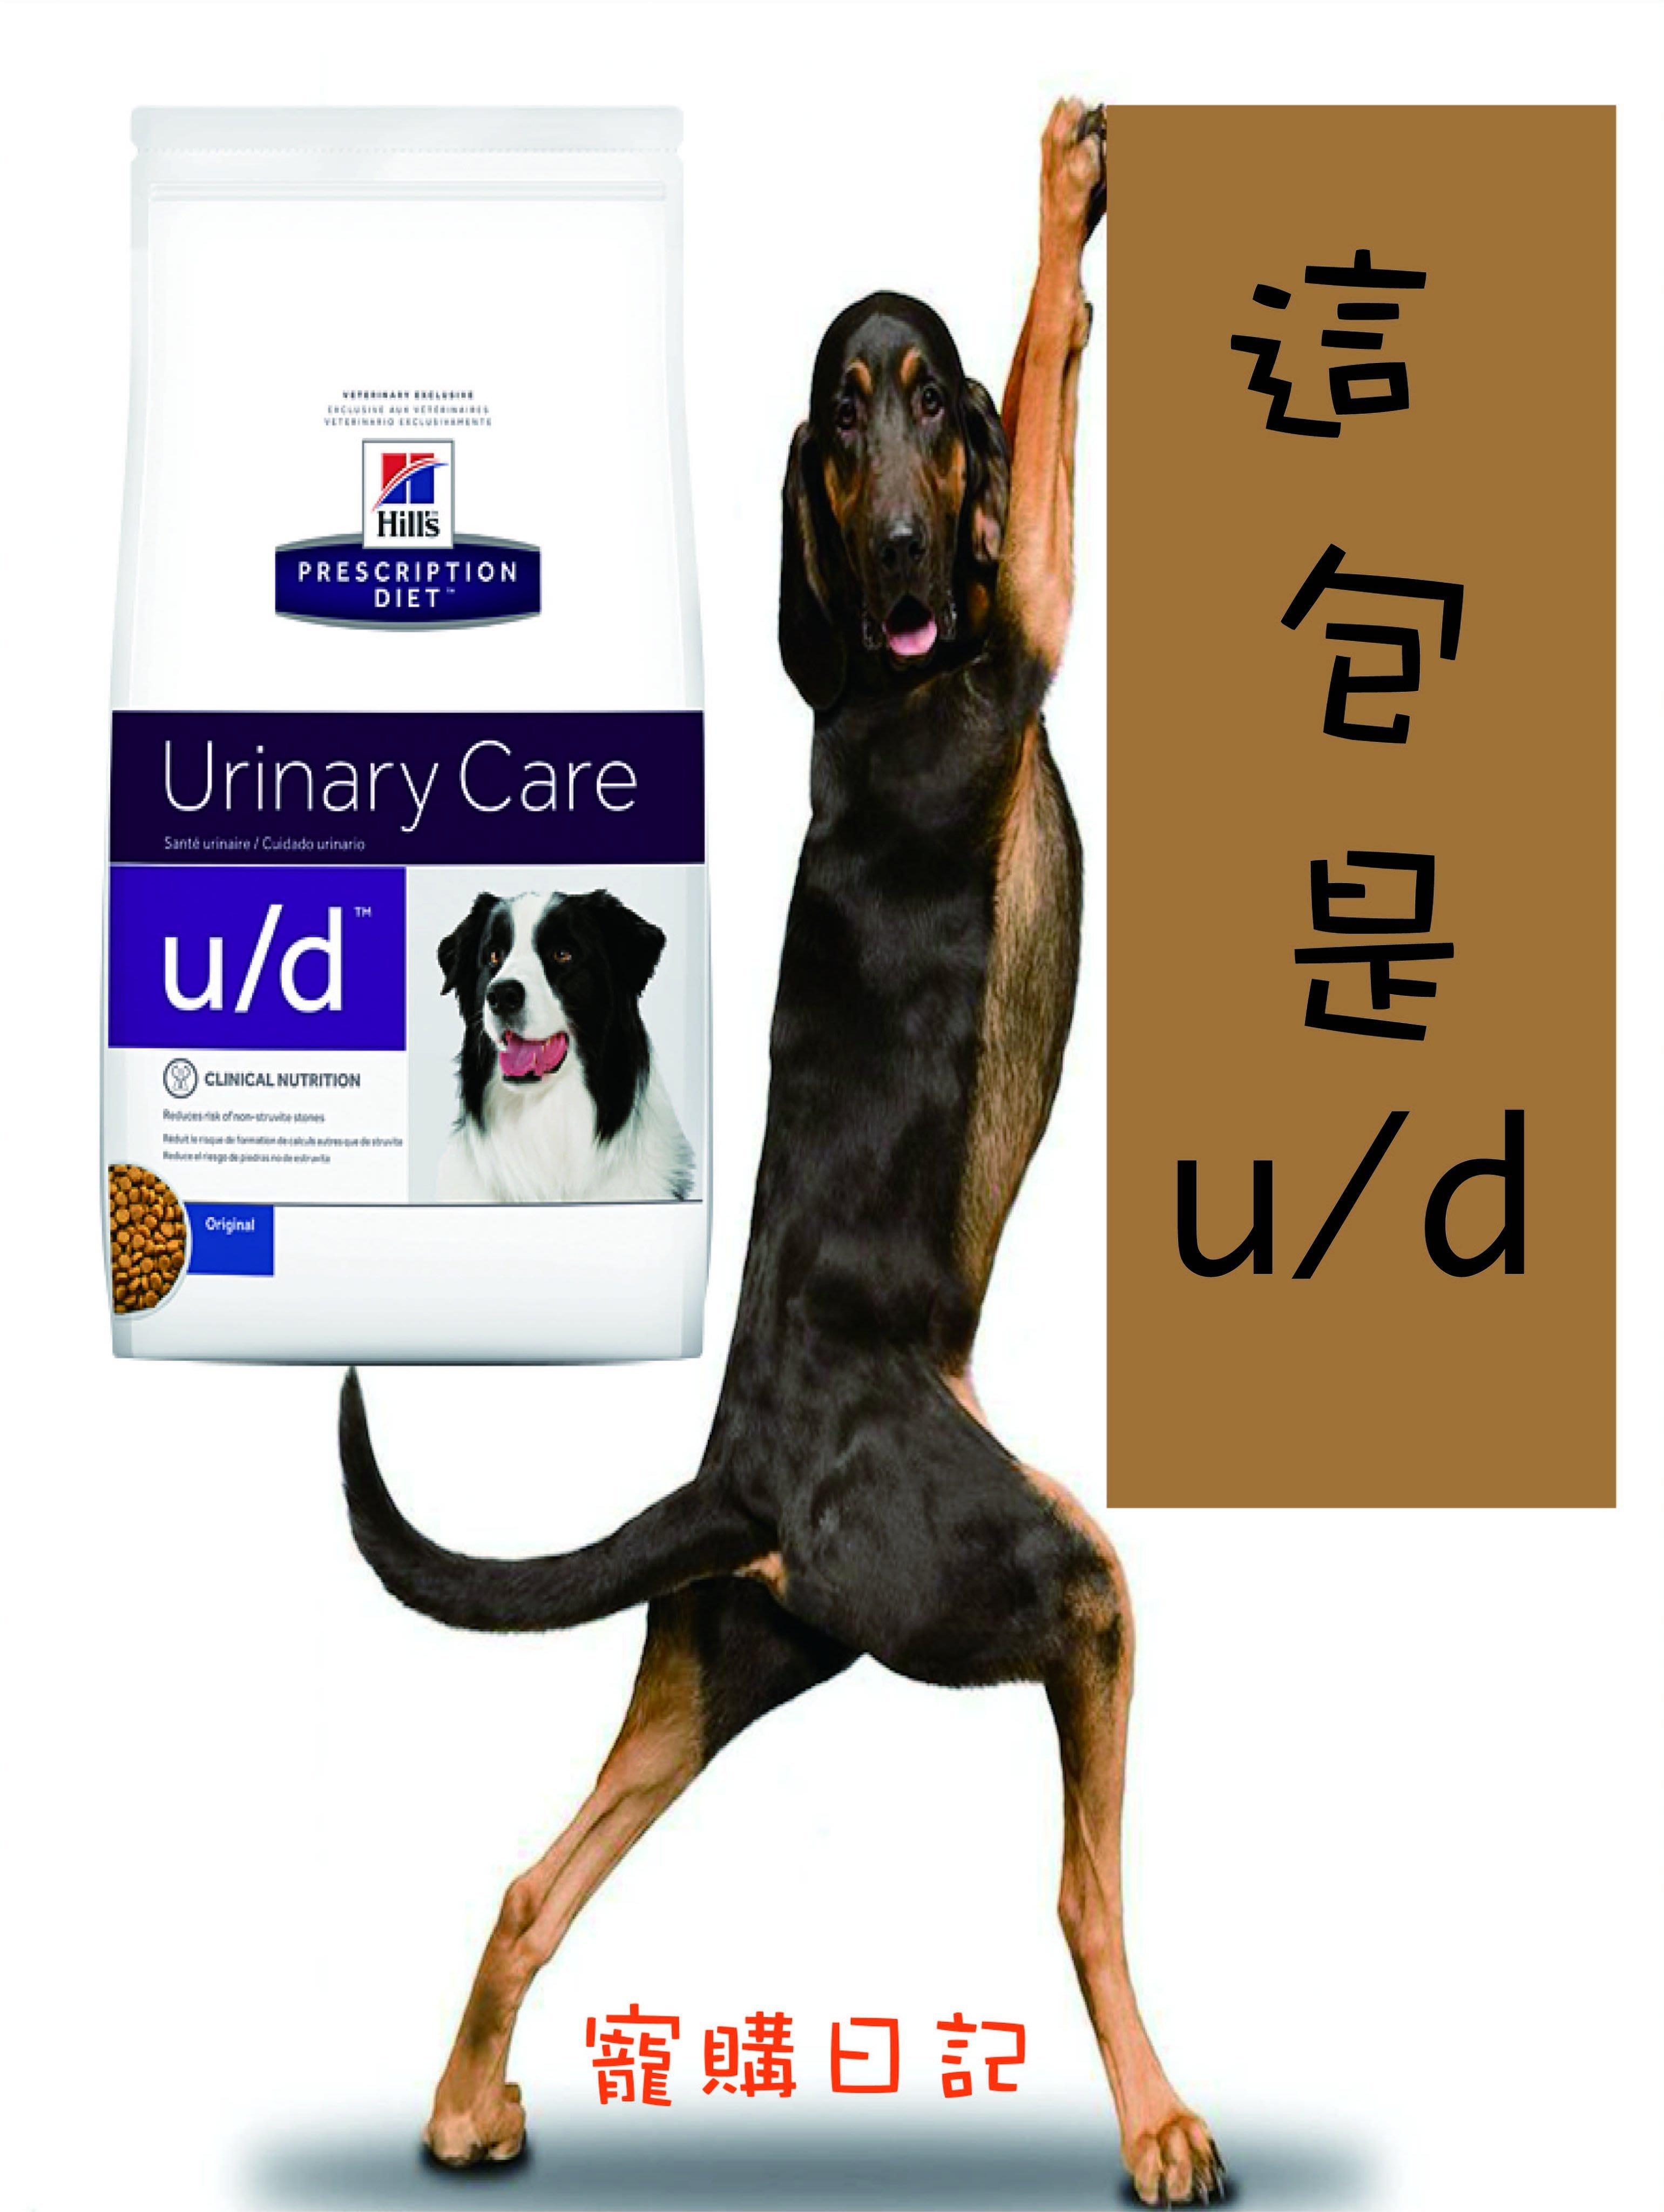 希爾思 希爾斯 Hills 狗 犬用 處方飼料 u/d ud 泌尿道護理 8.5磅 [8670]可刷卡